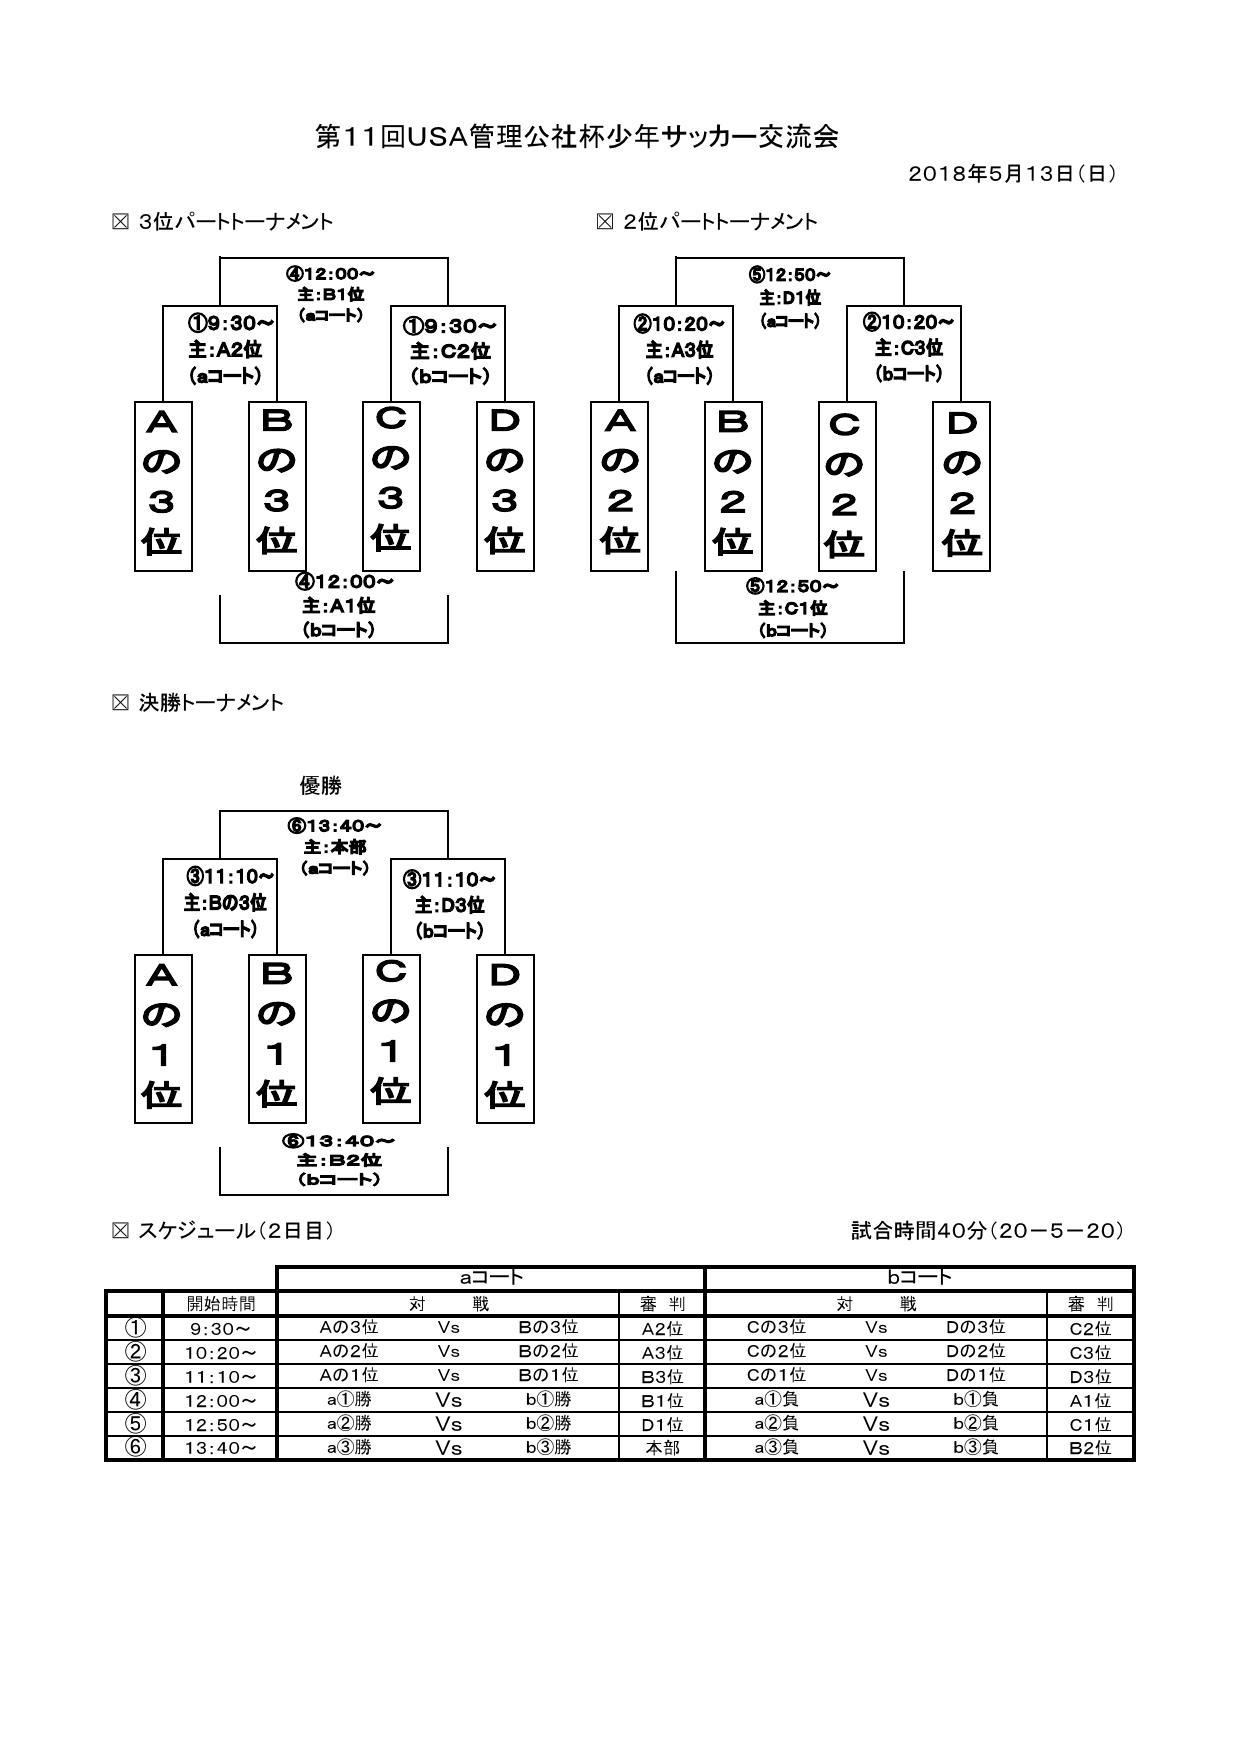 組み合わせ_000002.jpg